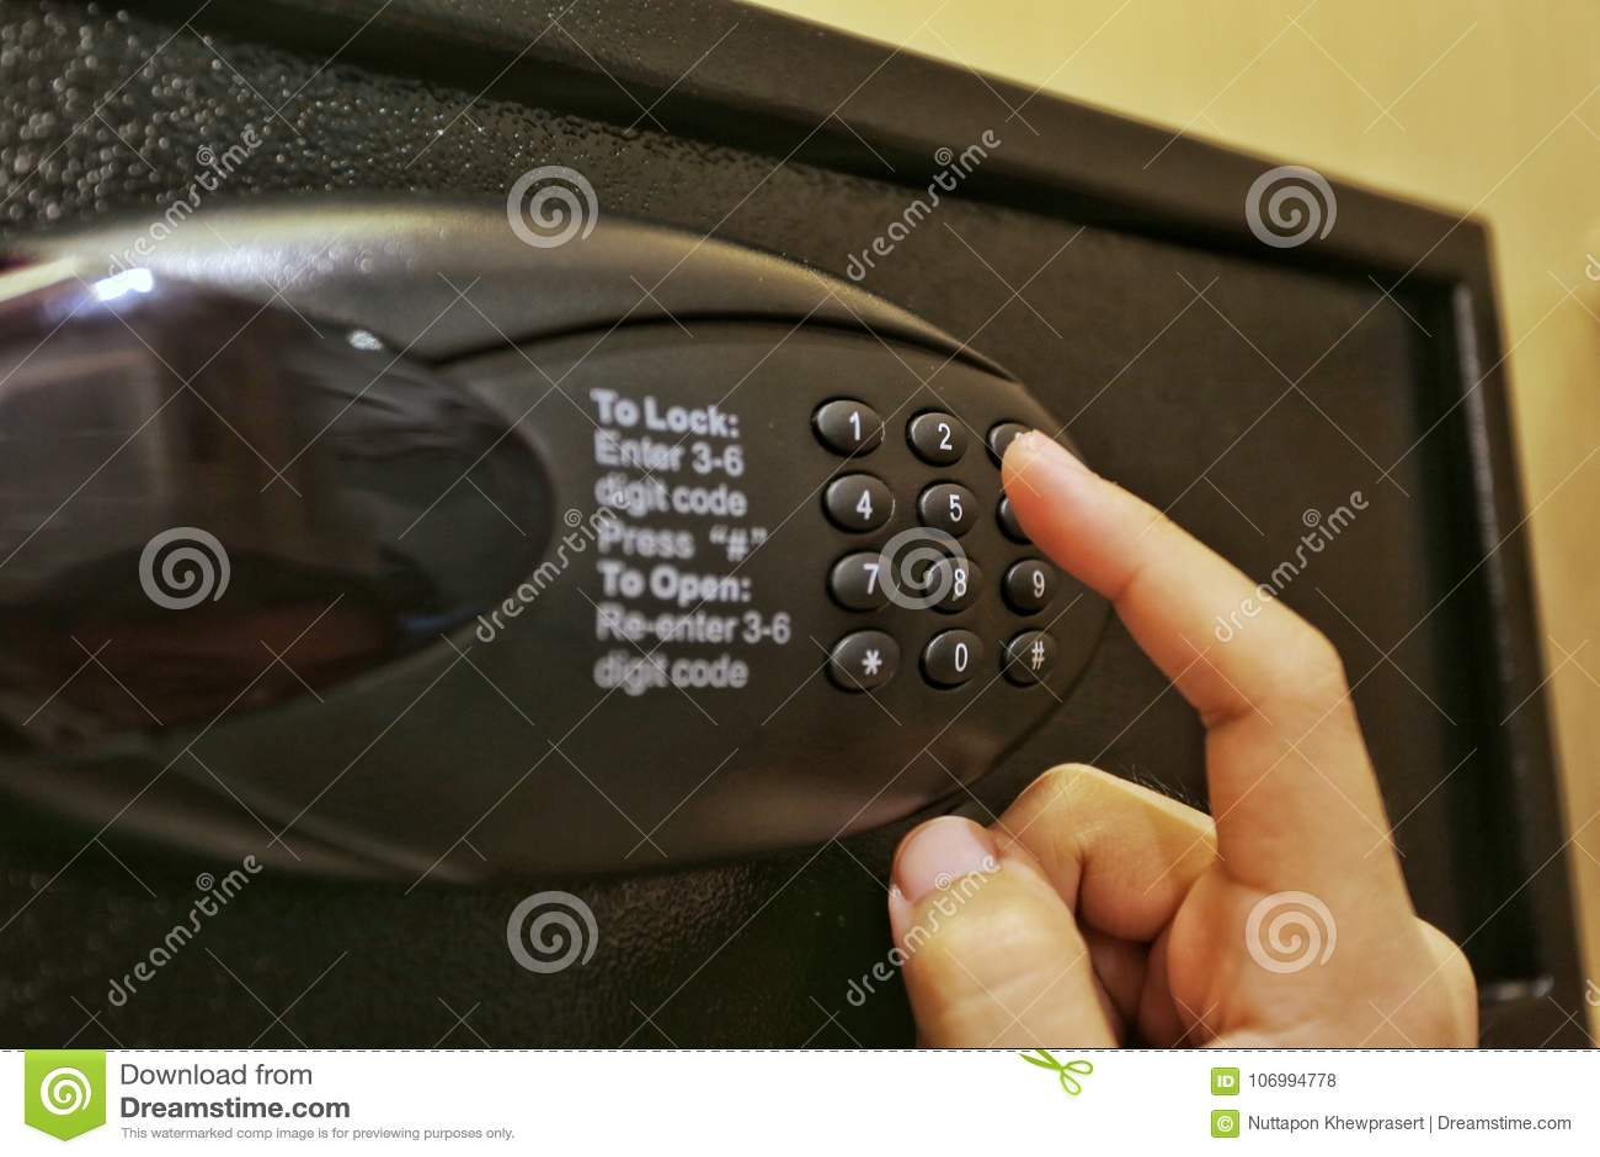 Using Forefinger / Index Finger Pushing Number Button On Black Safe